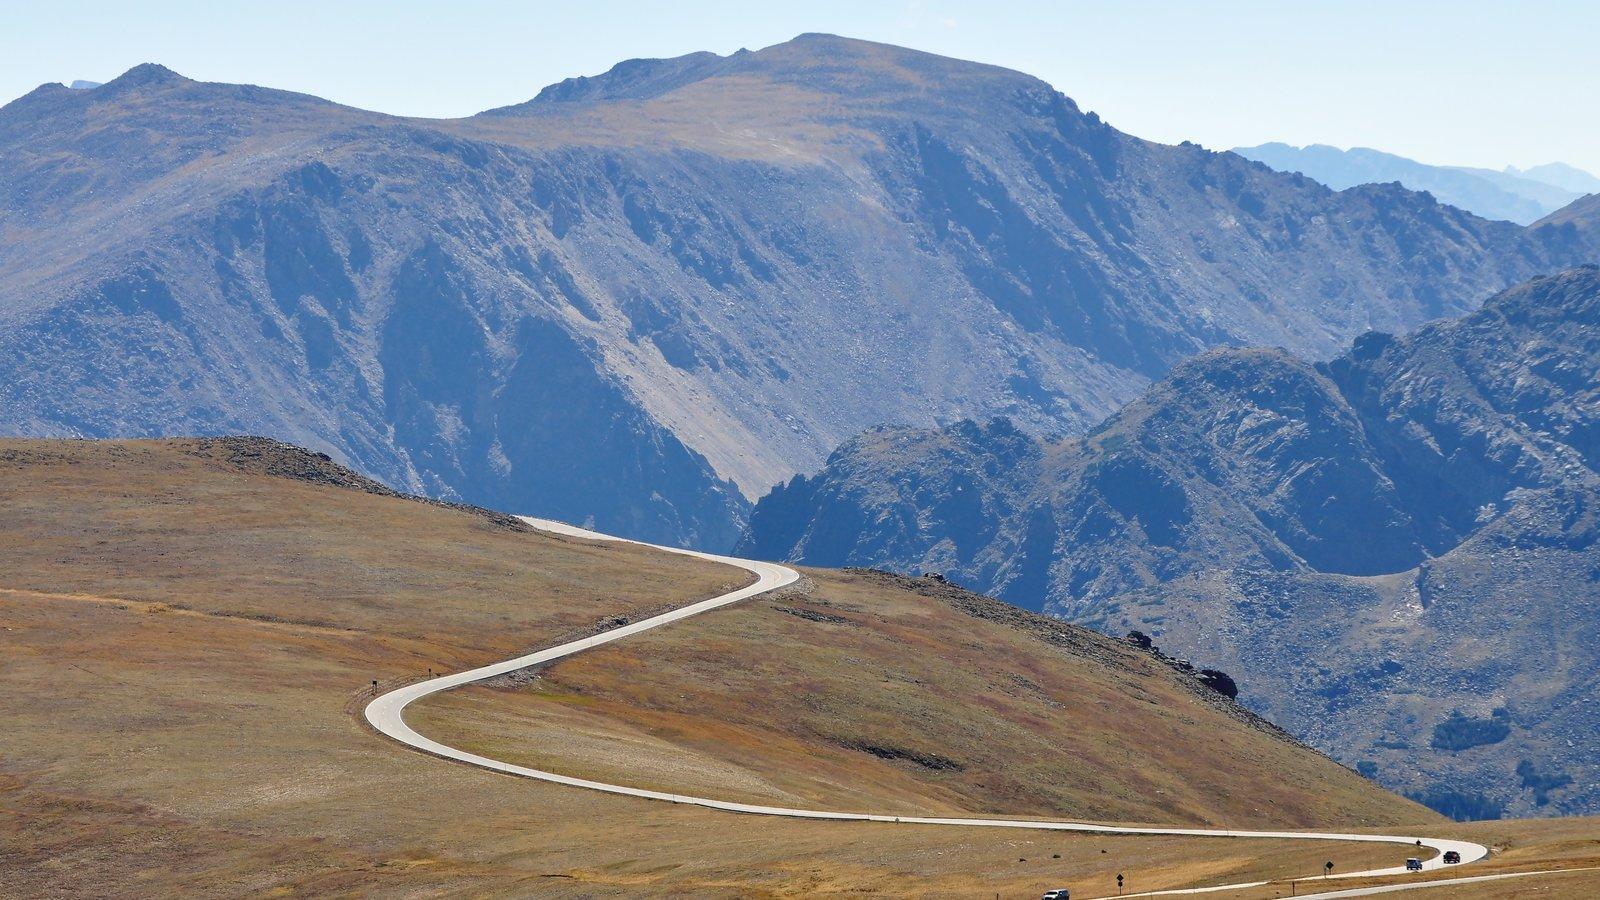 Rocky Mountain National Park caracterizando cenas tranquilas, montanhas e paisagem